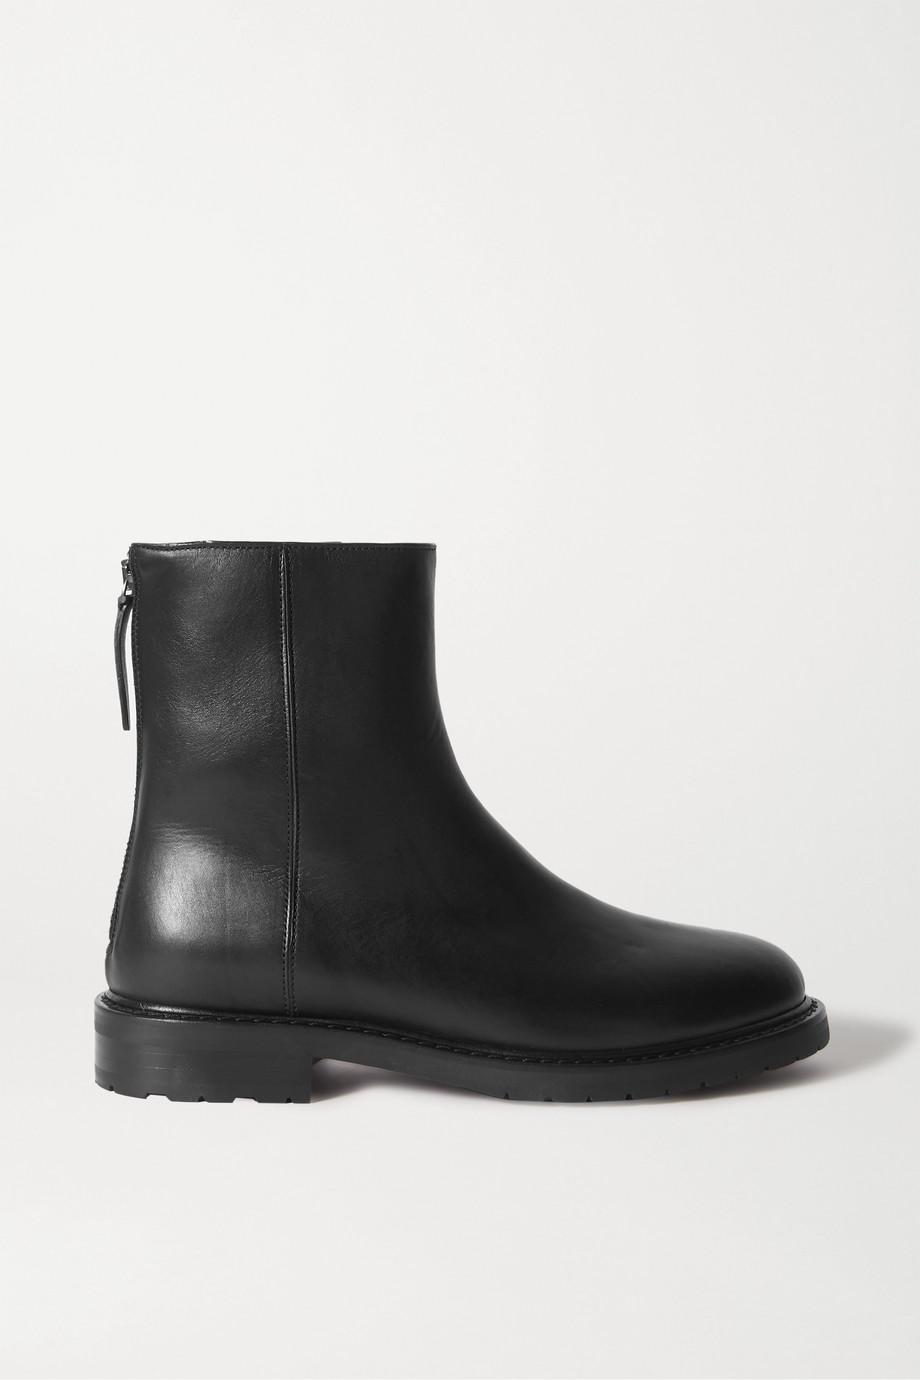 LEGRES 皮革踝靴